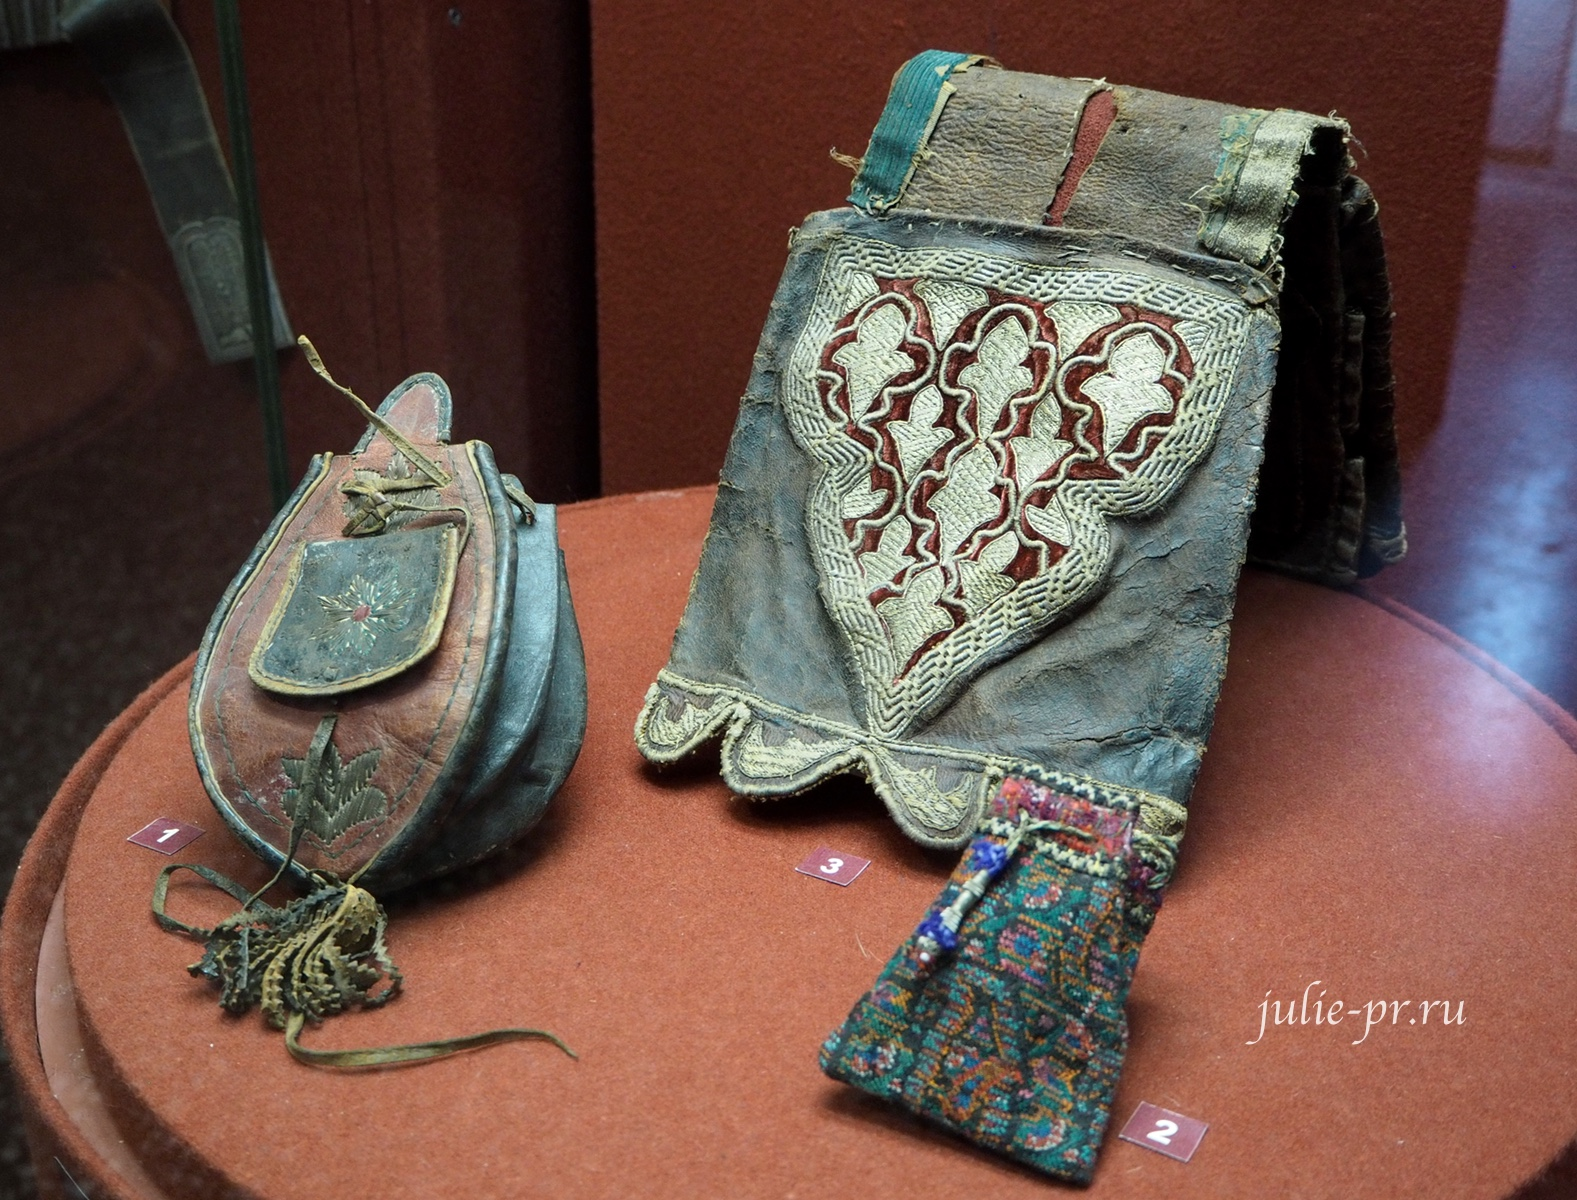 Российский этнографический музей, Санкт-Петербург, народная вышивка